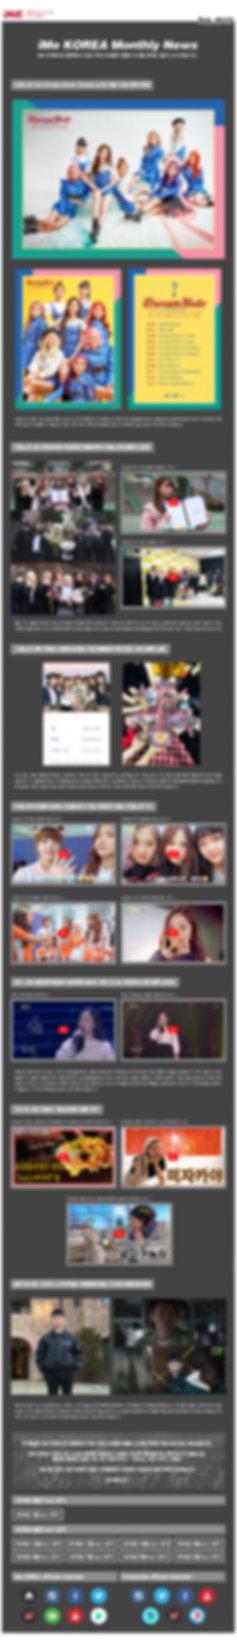 20190227-월간뉴스_(최종수정).jpg